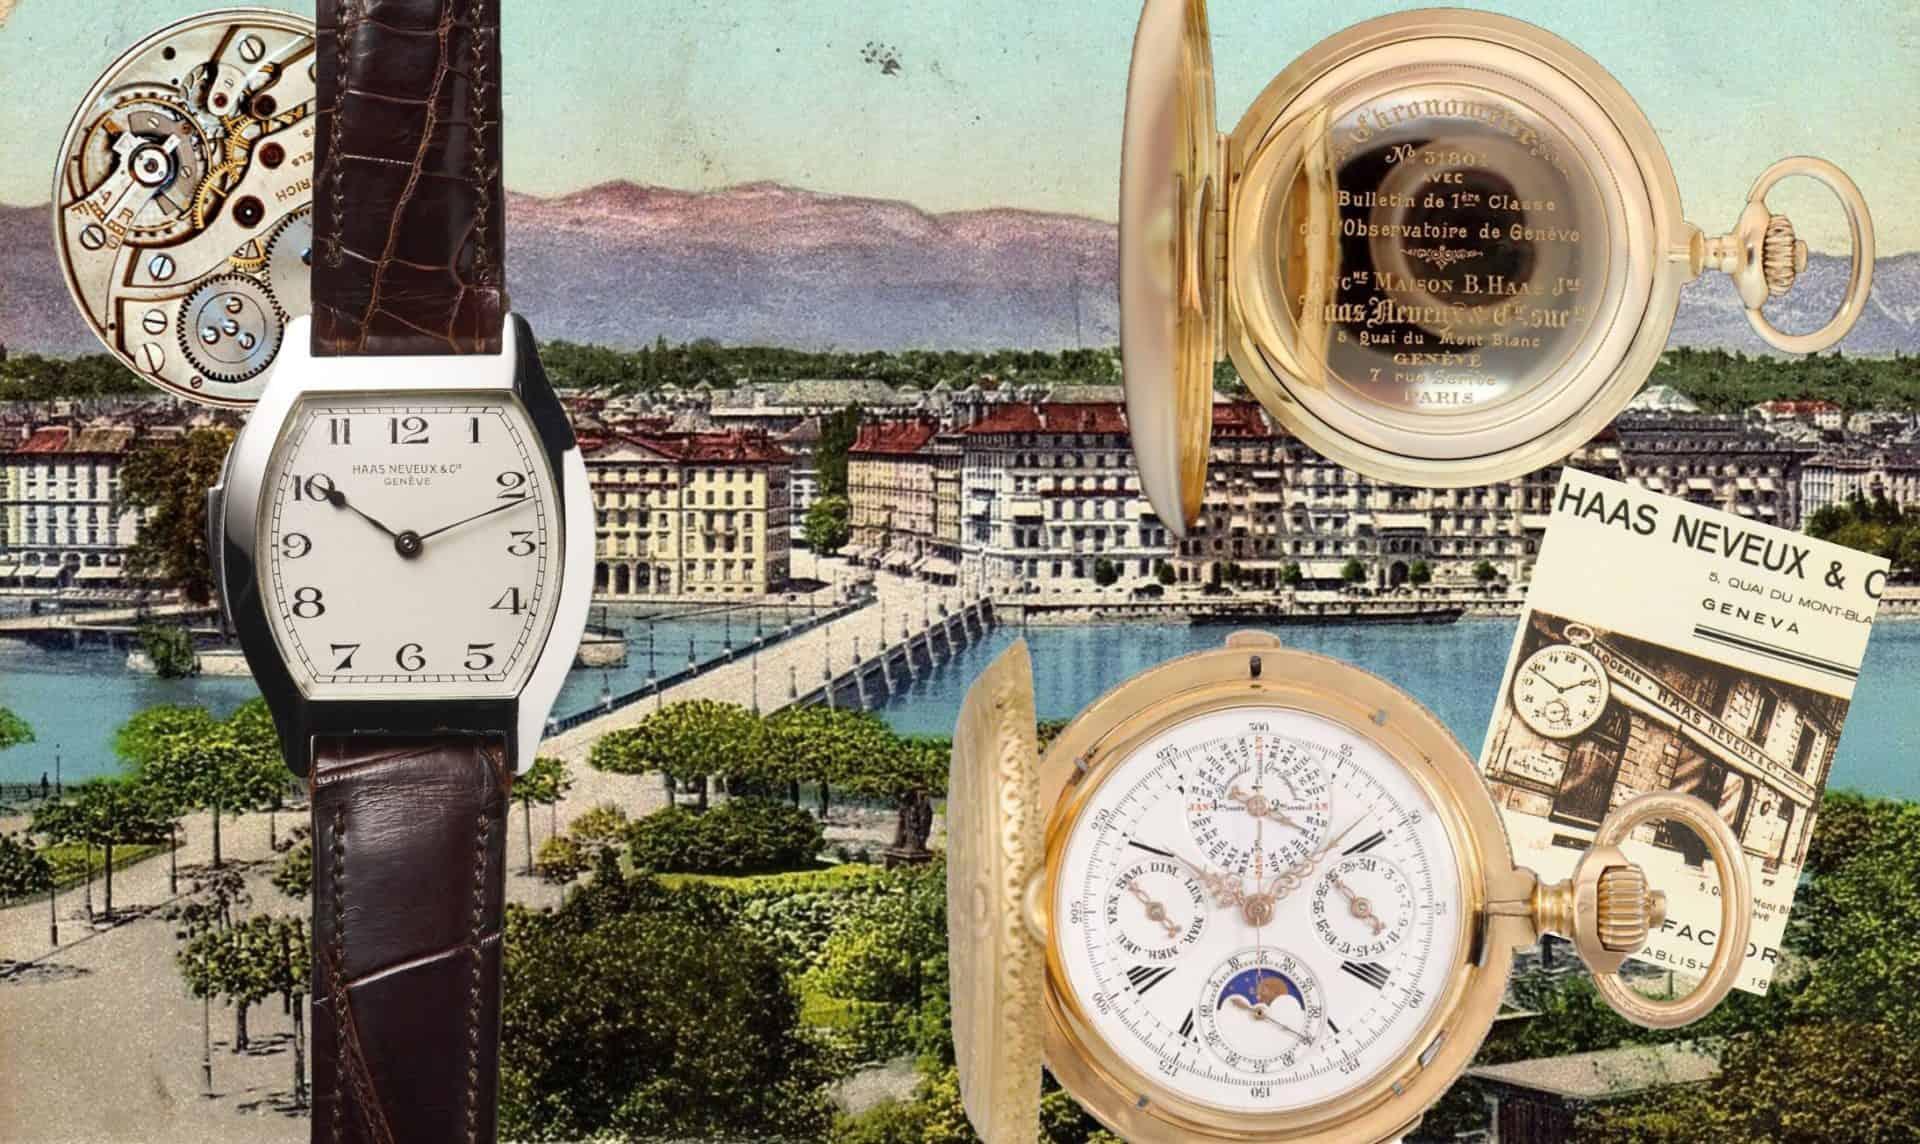 Die vergessene Luxus-Uhrenmarke Haas Neveux & Cie. Über die berühmte Luxus-Uhrenmarke Haas Neveux & Cie. ist die Zeit hinweg gegangen